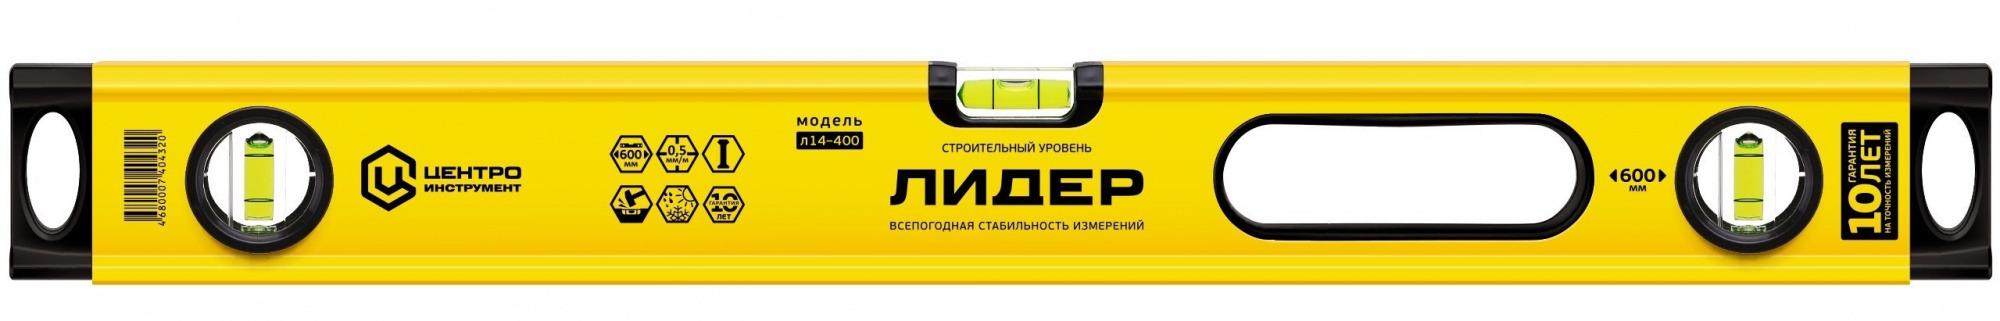 """Уровень Ци """"Лидер"""" 80см, 3 колбы Л14-800 (Центроинструмент) Чамзинка купить инструмент строительный"""